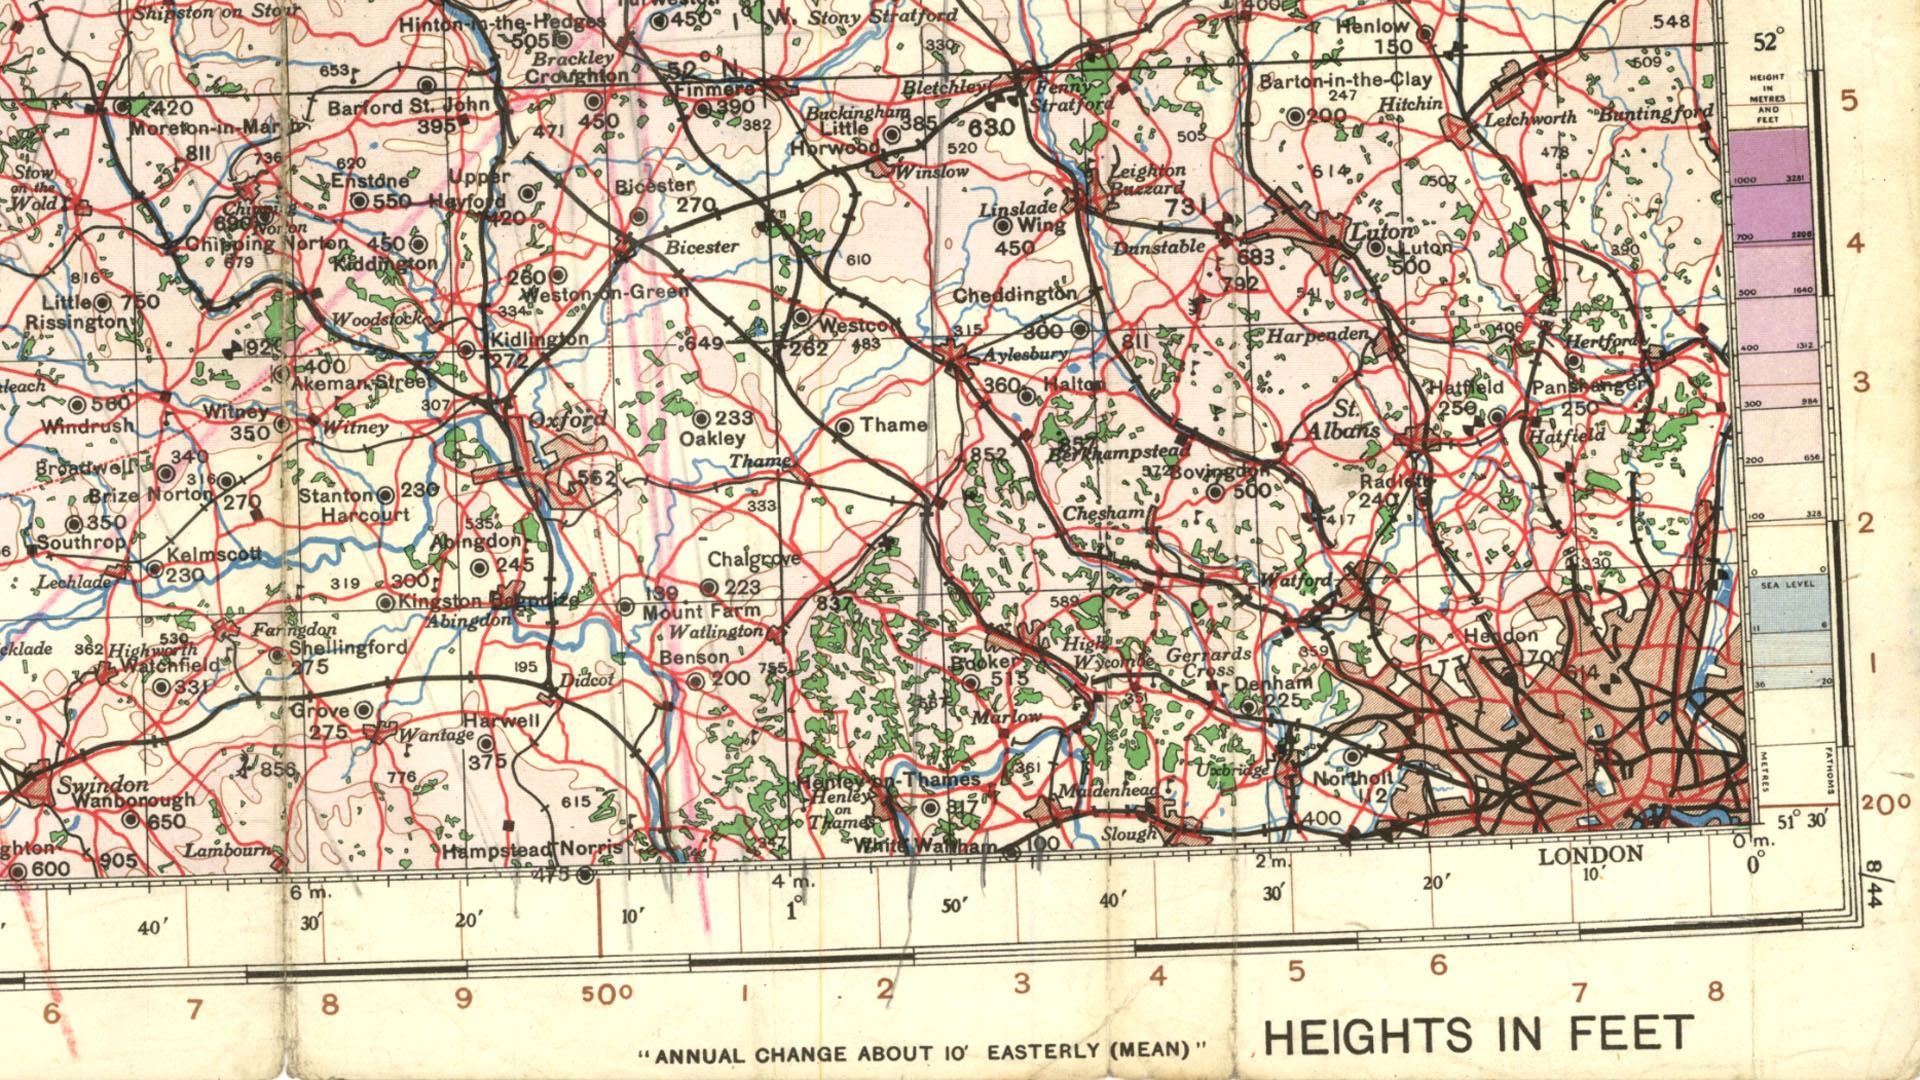 War office Map 1940